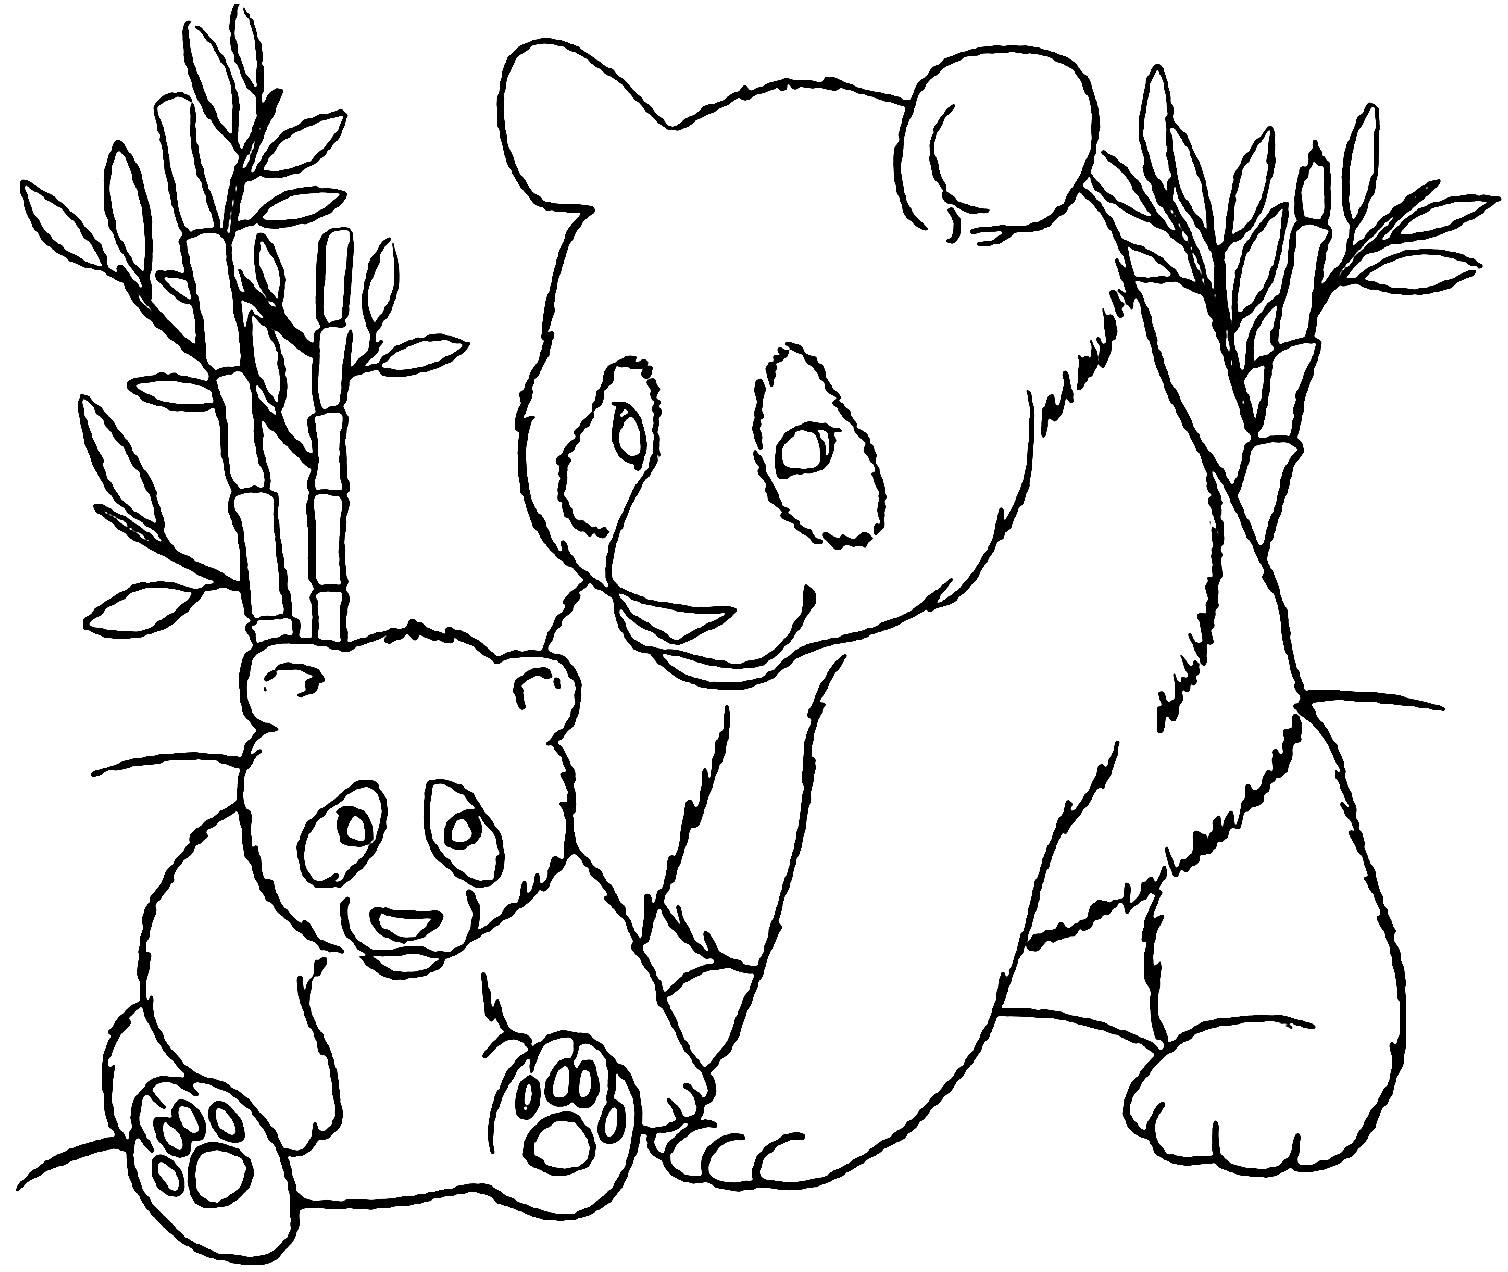 Coloriage De Panda À Imprimer Pour Enfants - Coloriage De à Panda À Colorier